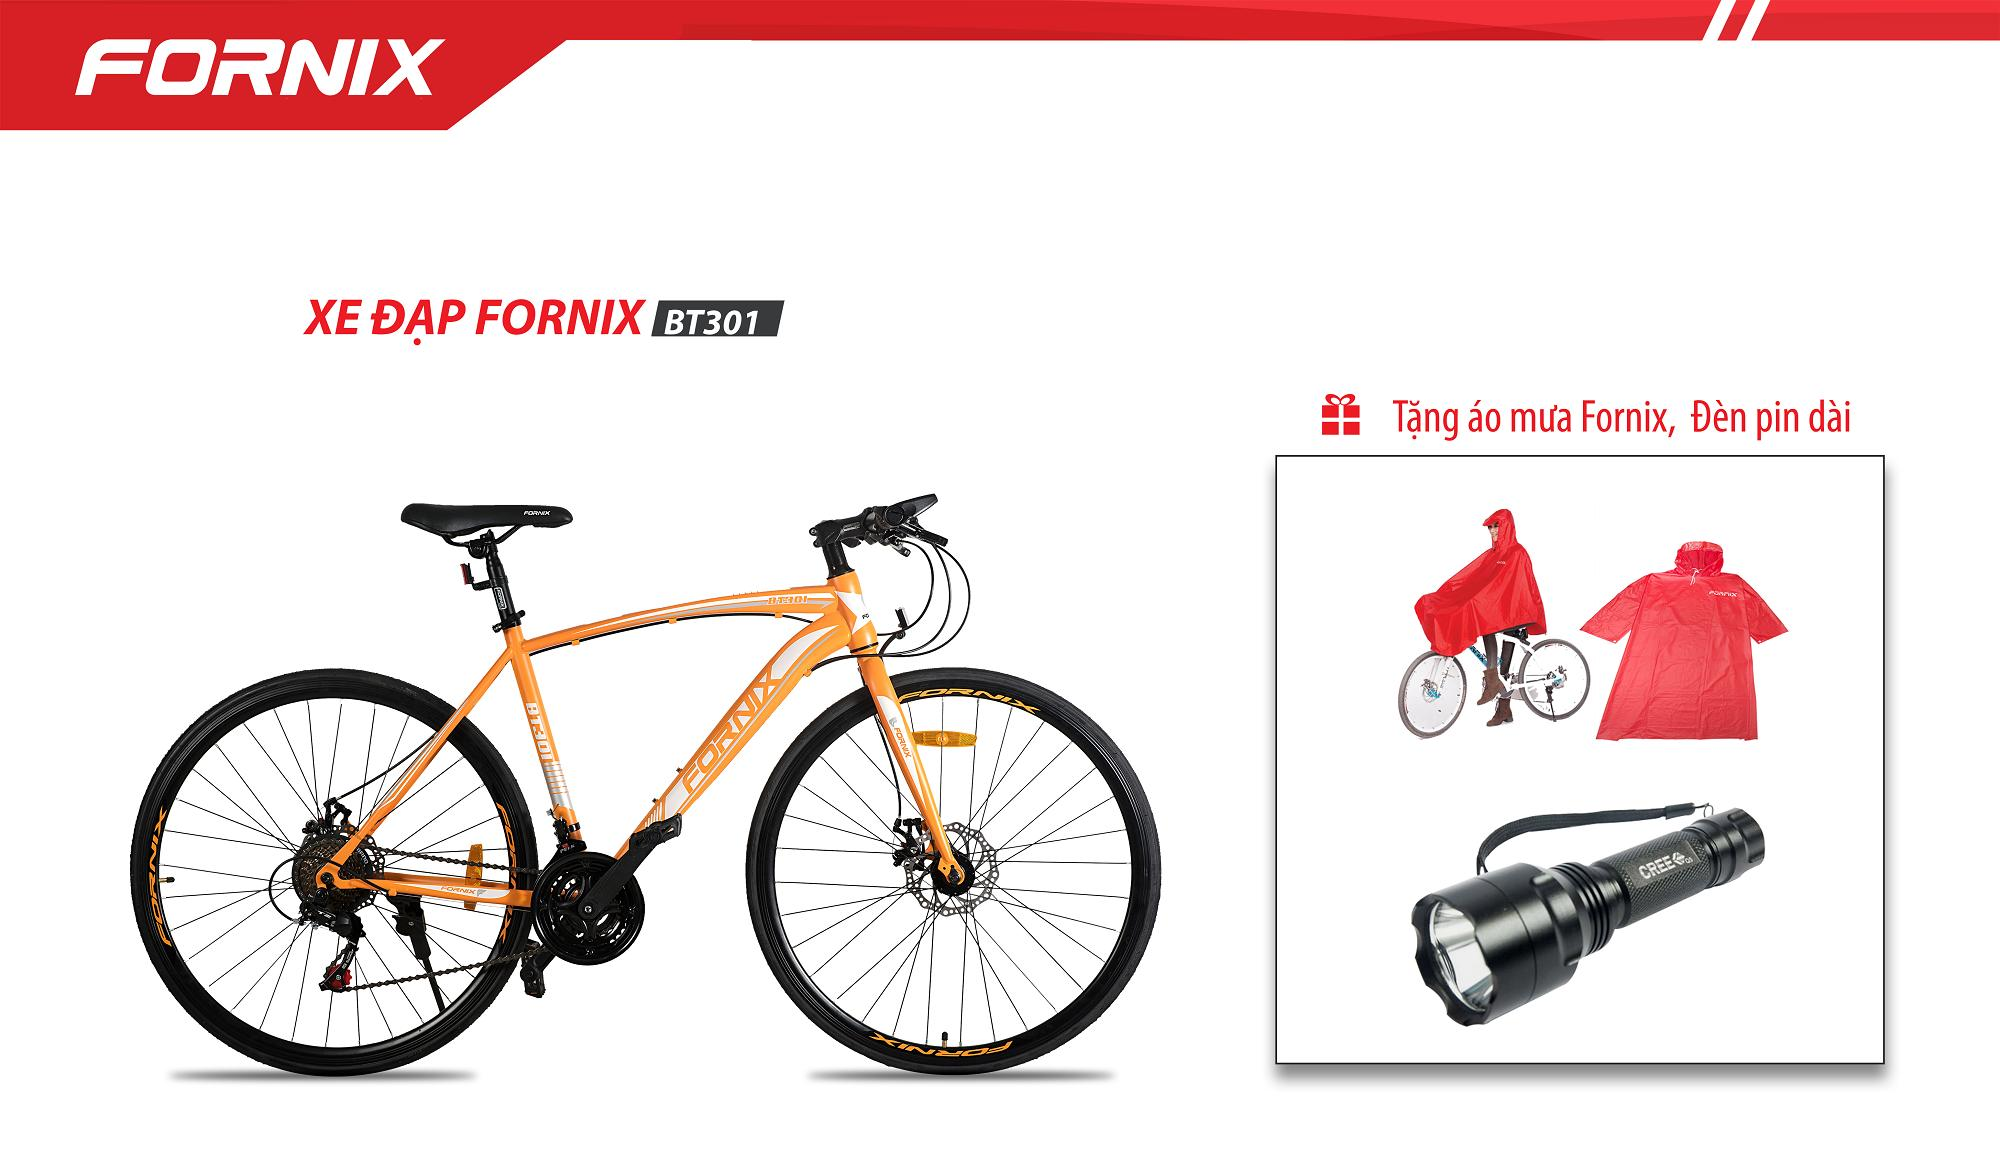 Xe Đạp Thể Thao Fornix BT301 + tặng áo mưa fornix và đèn pin